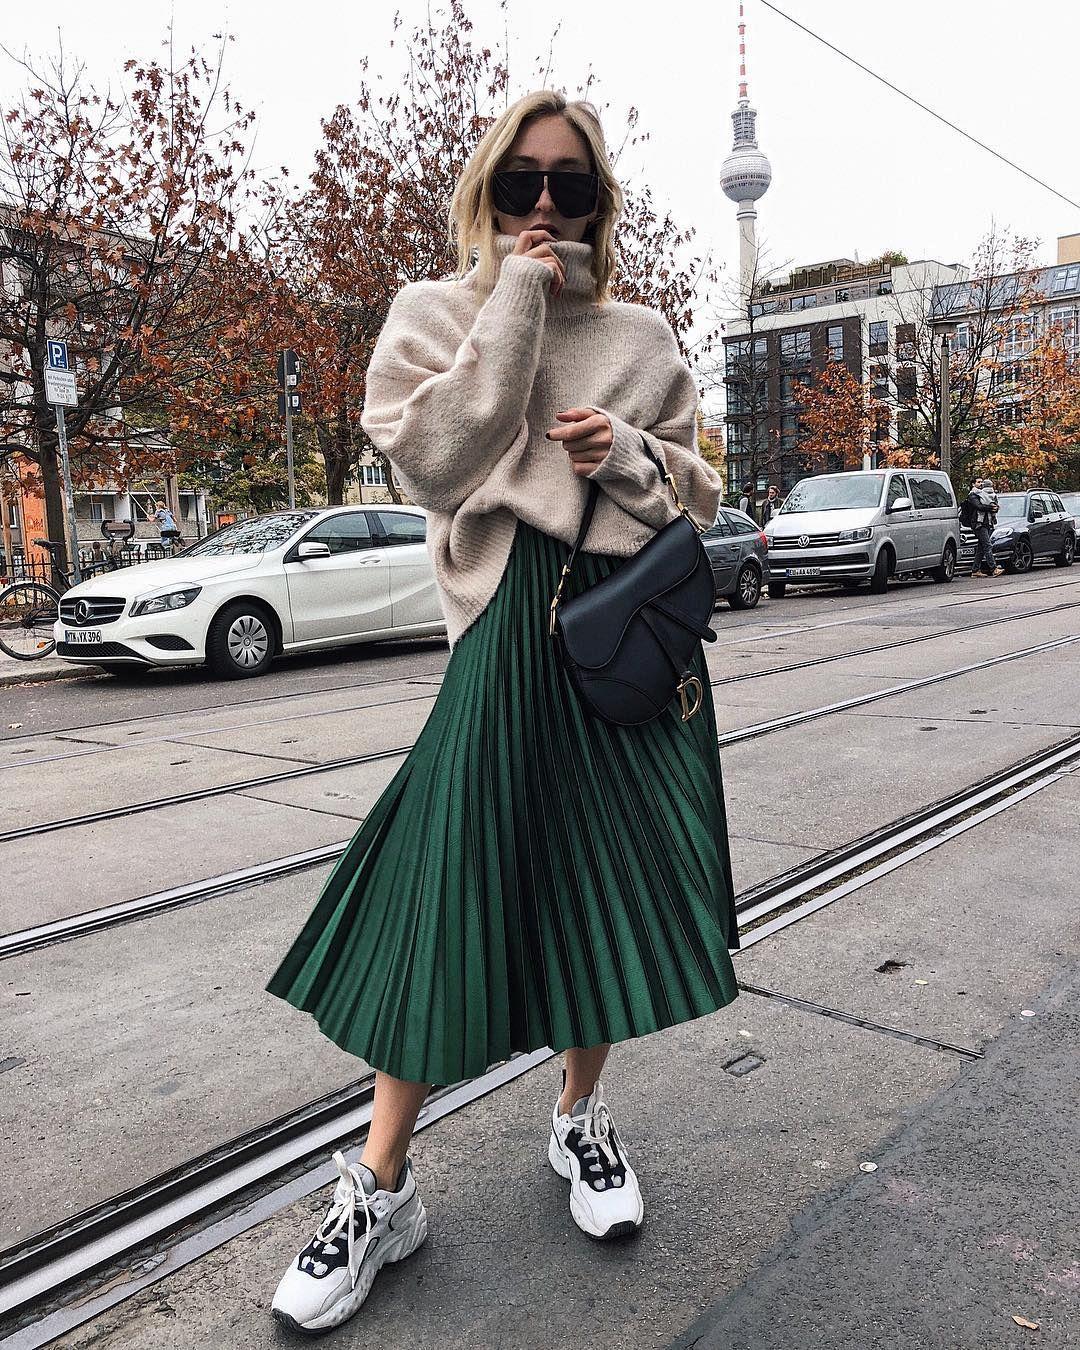 Стиль одежды Нормкор – мода для бедных или высокий стиль